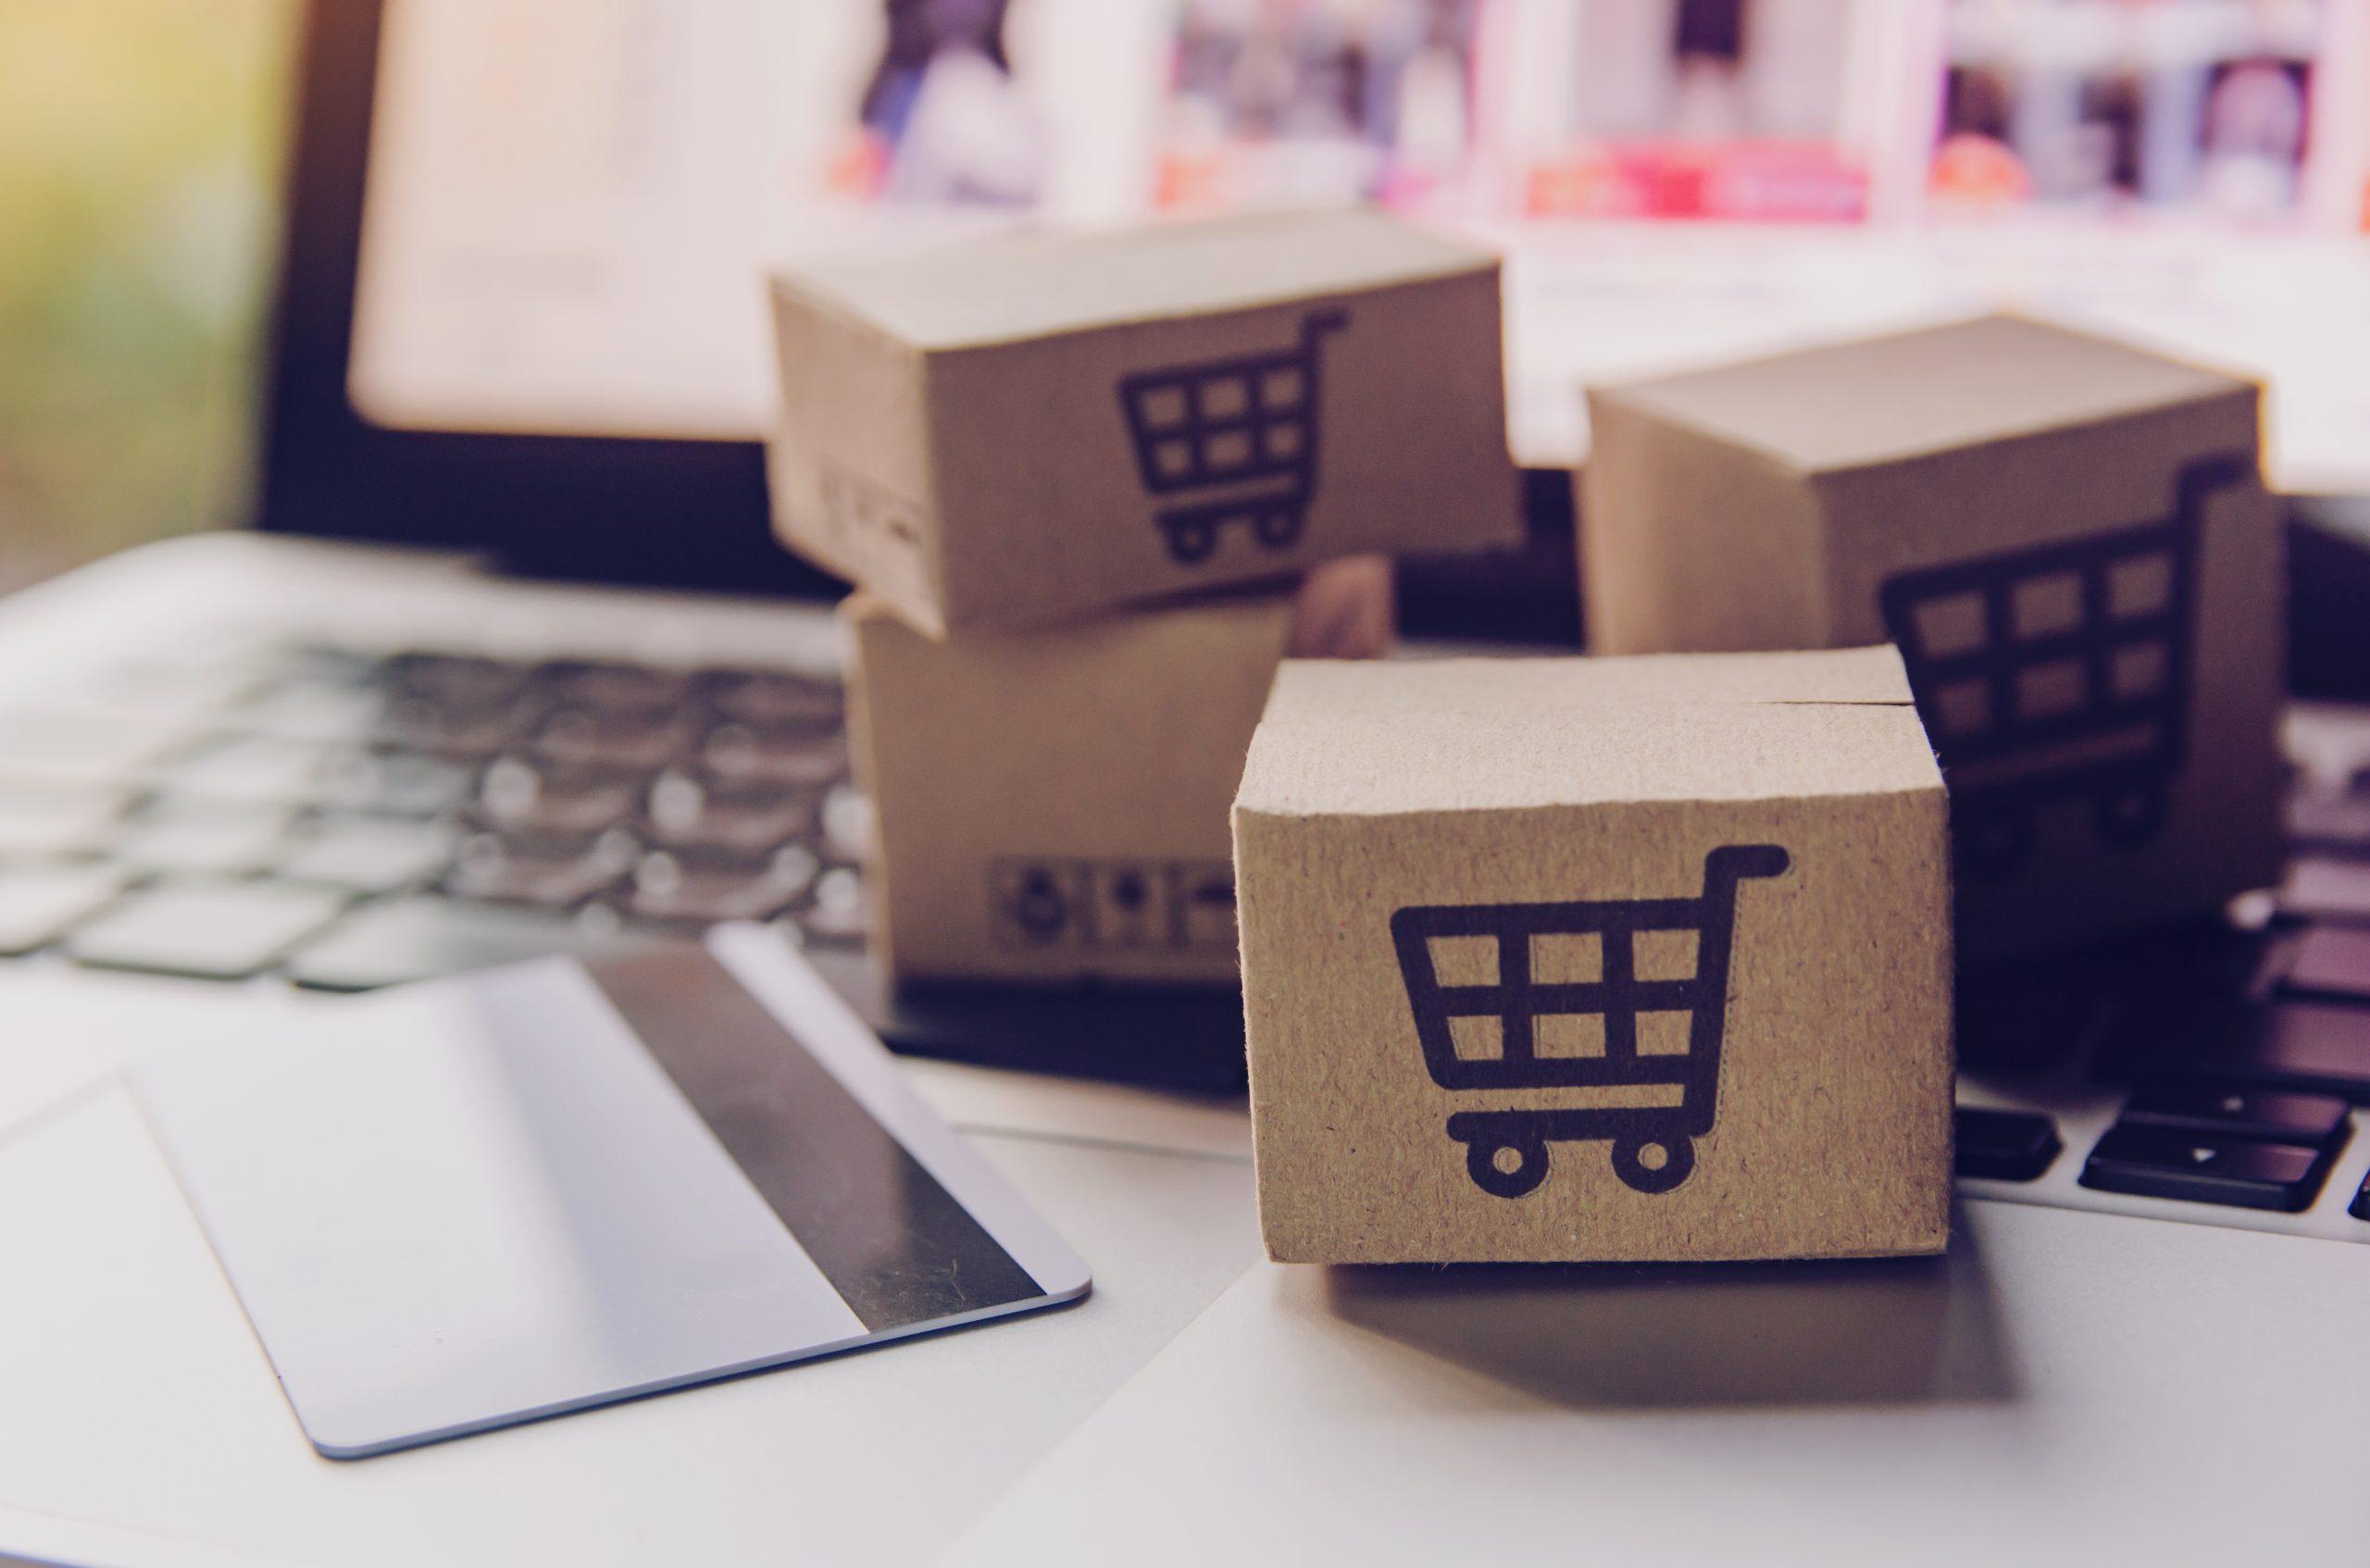 Negócios on-line: profissional de marketing digital é essencial